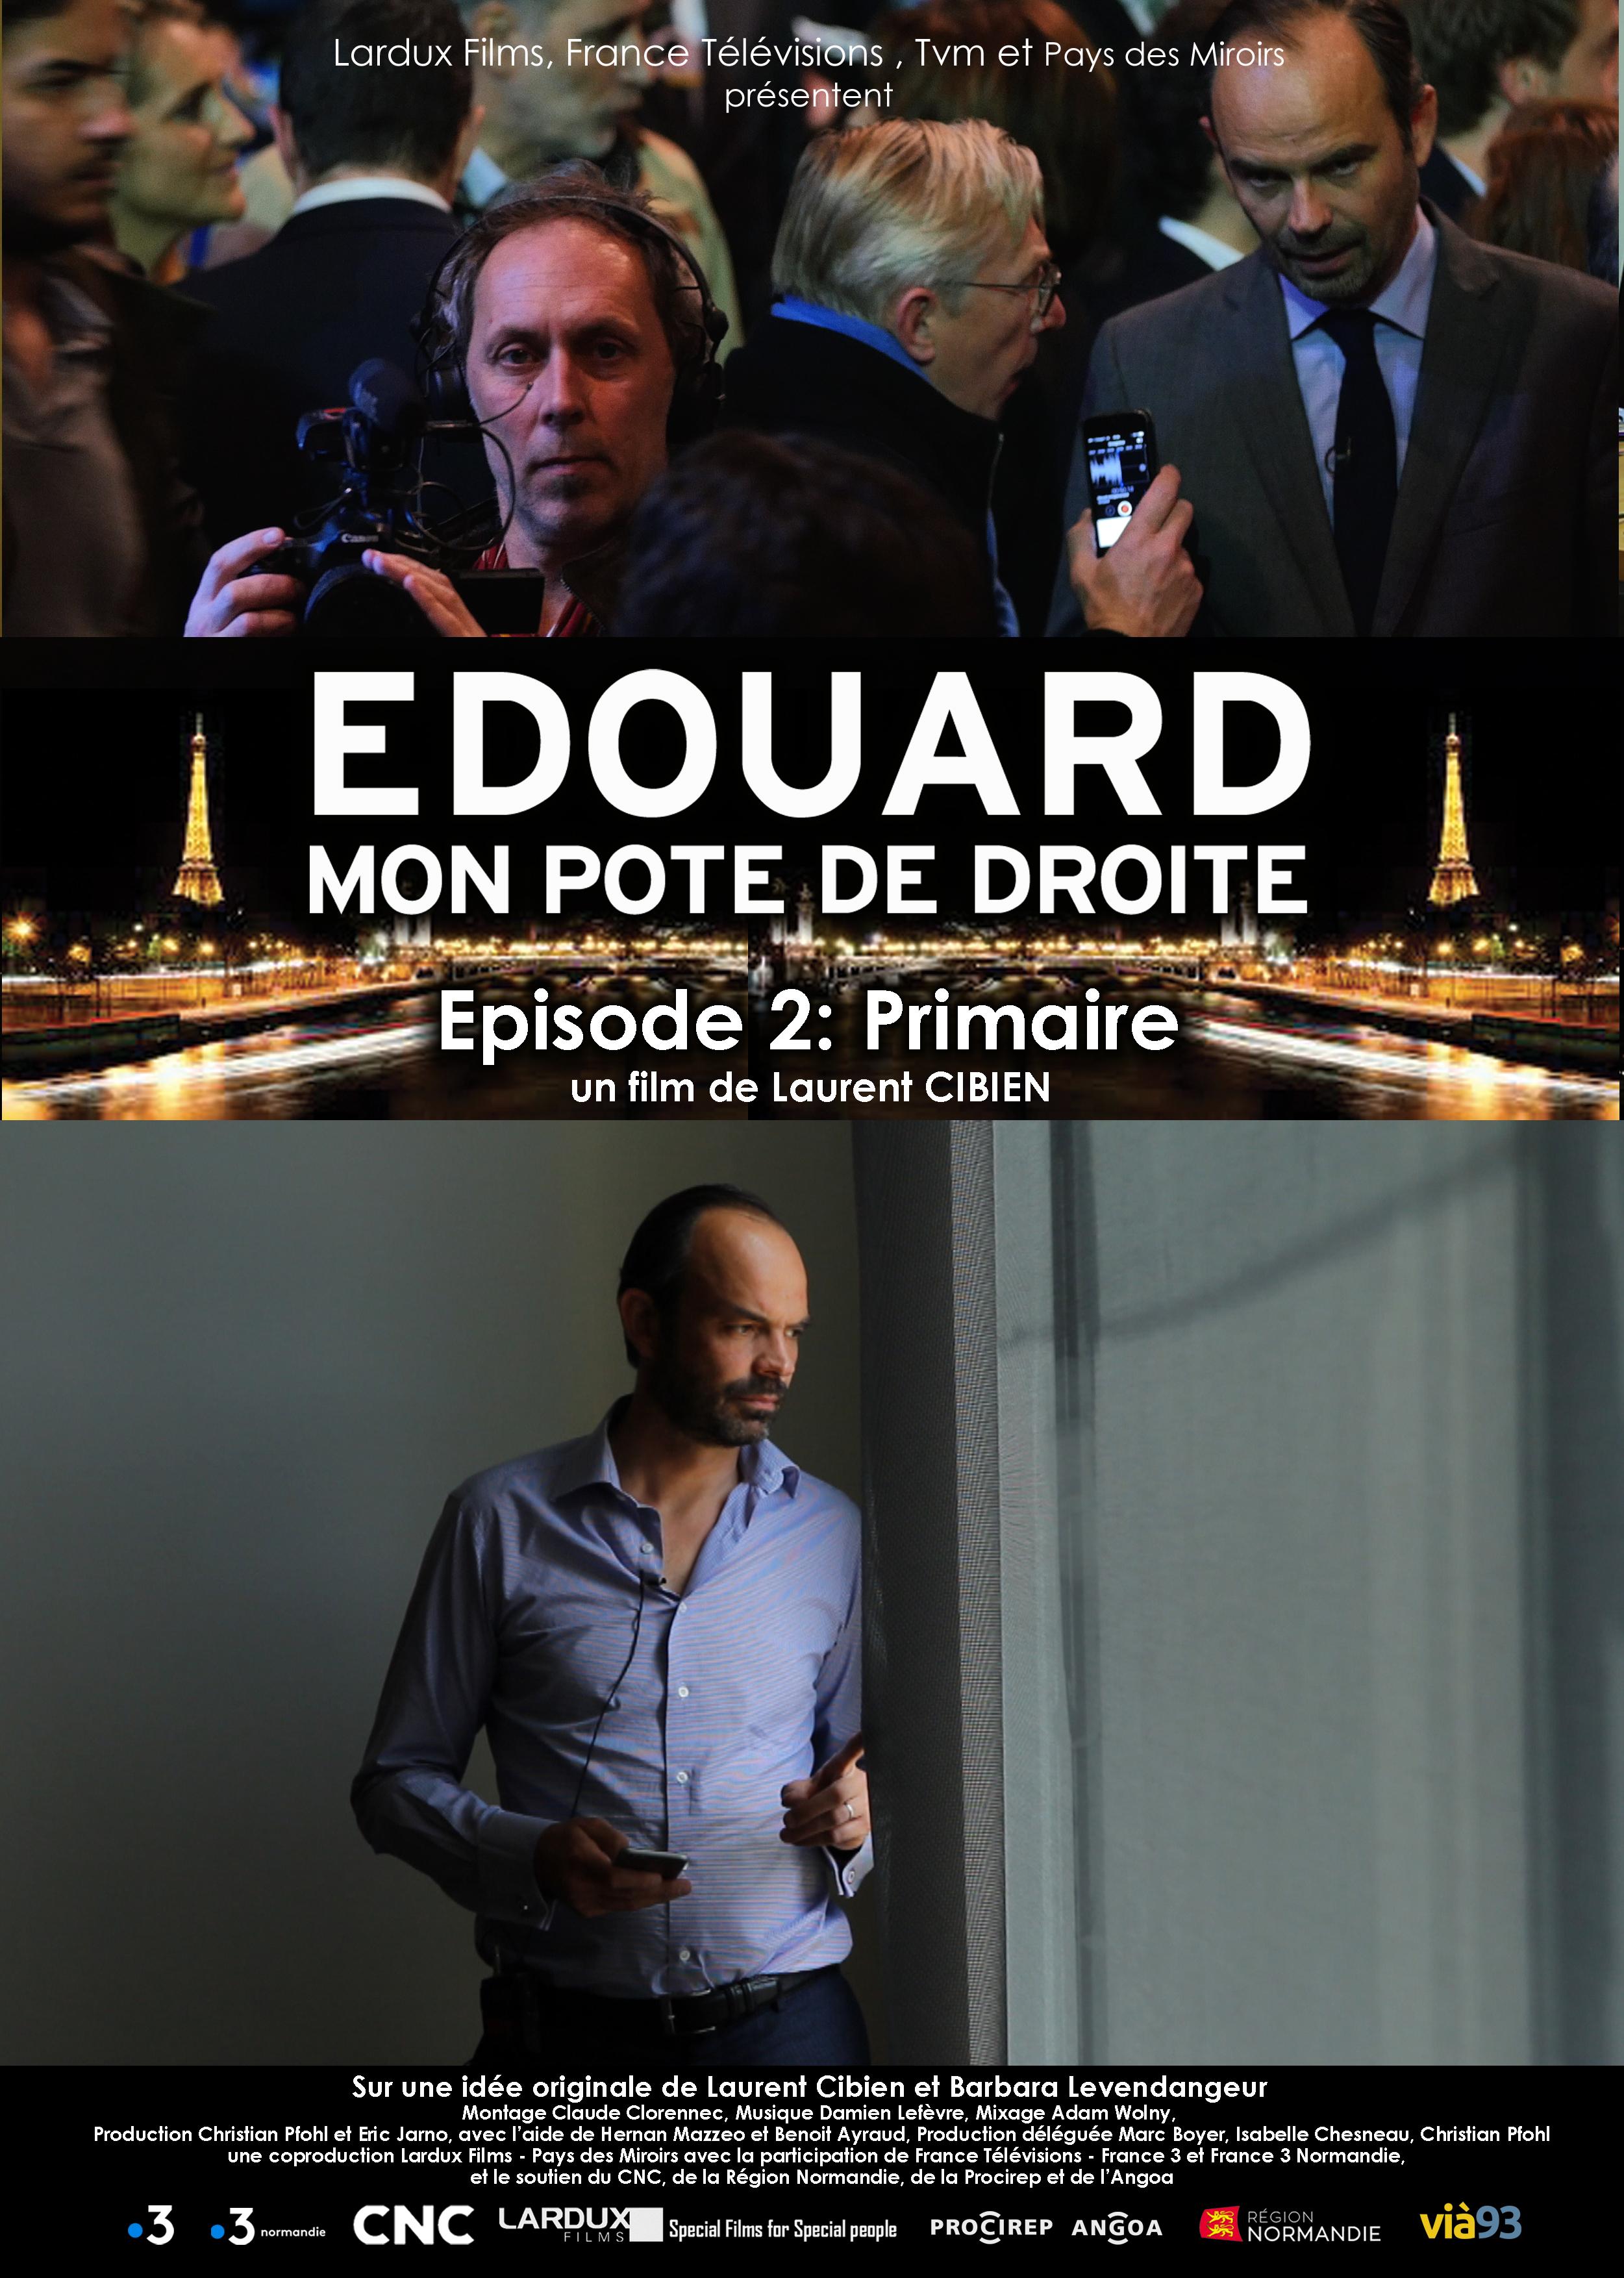 Edouard mon pote de droite épisode 2